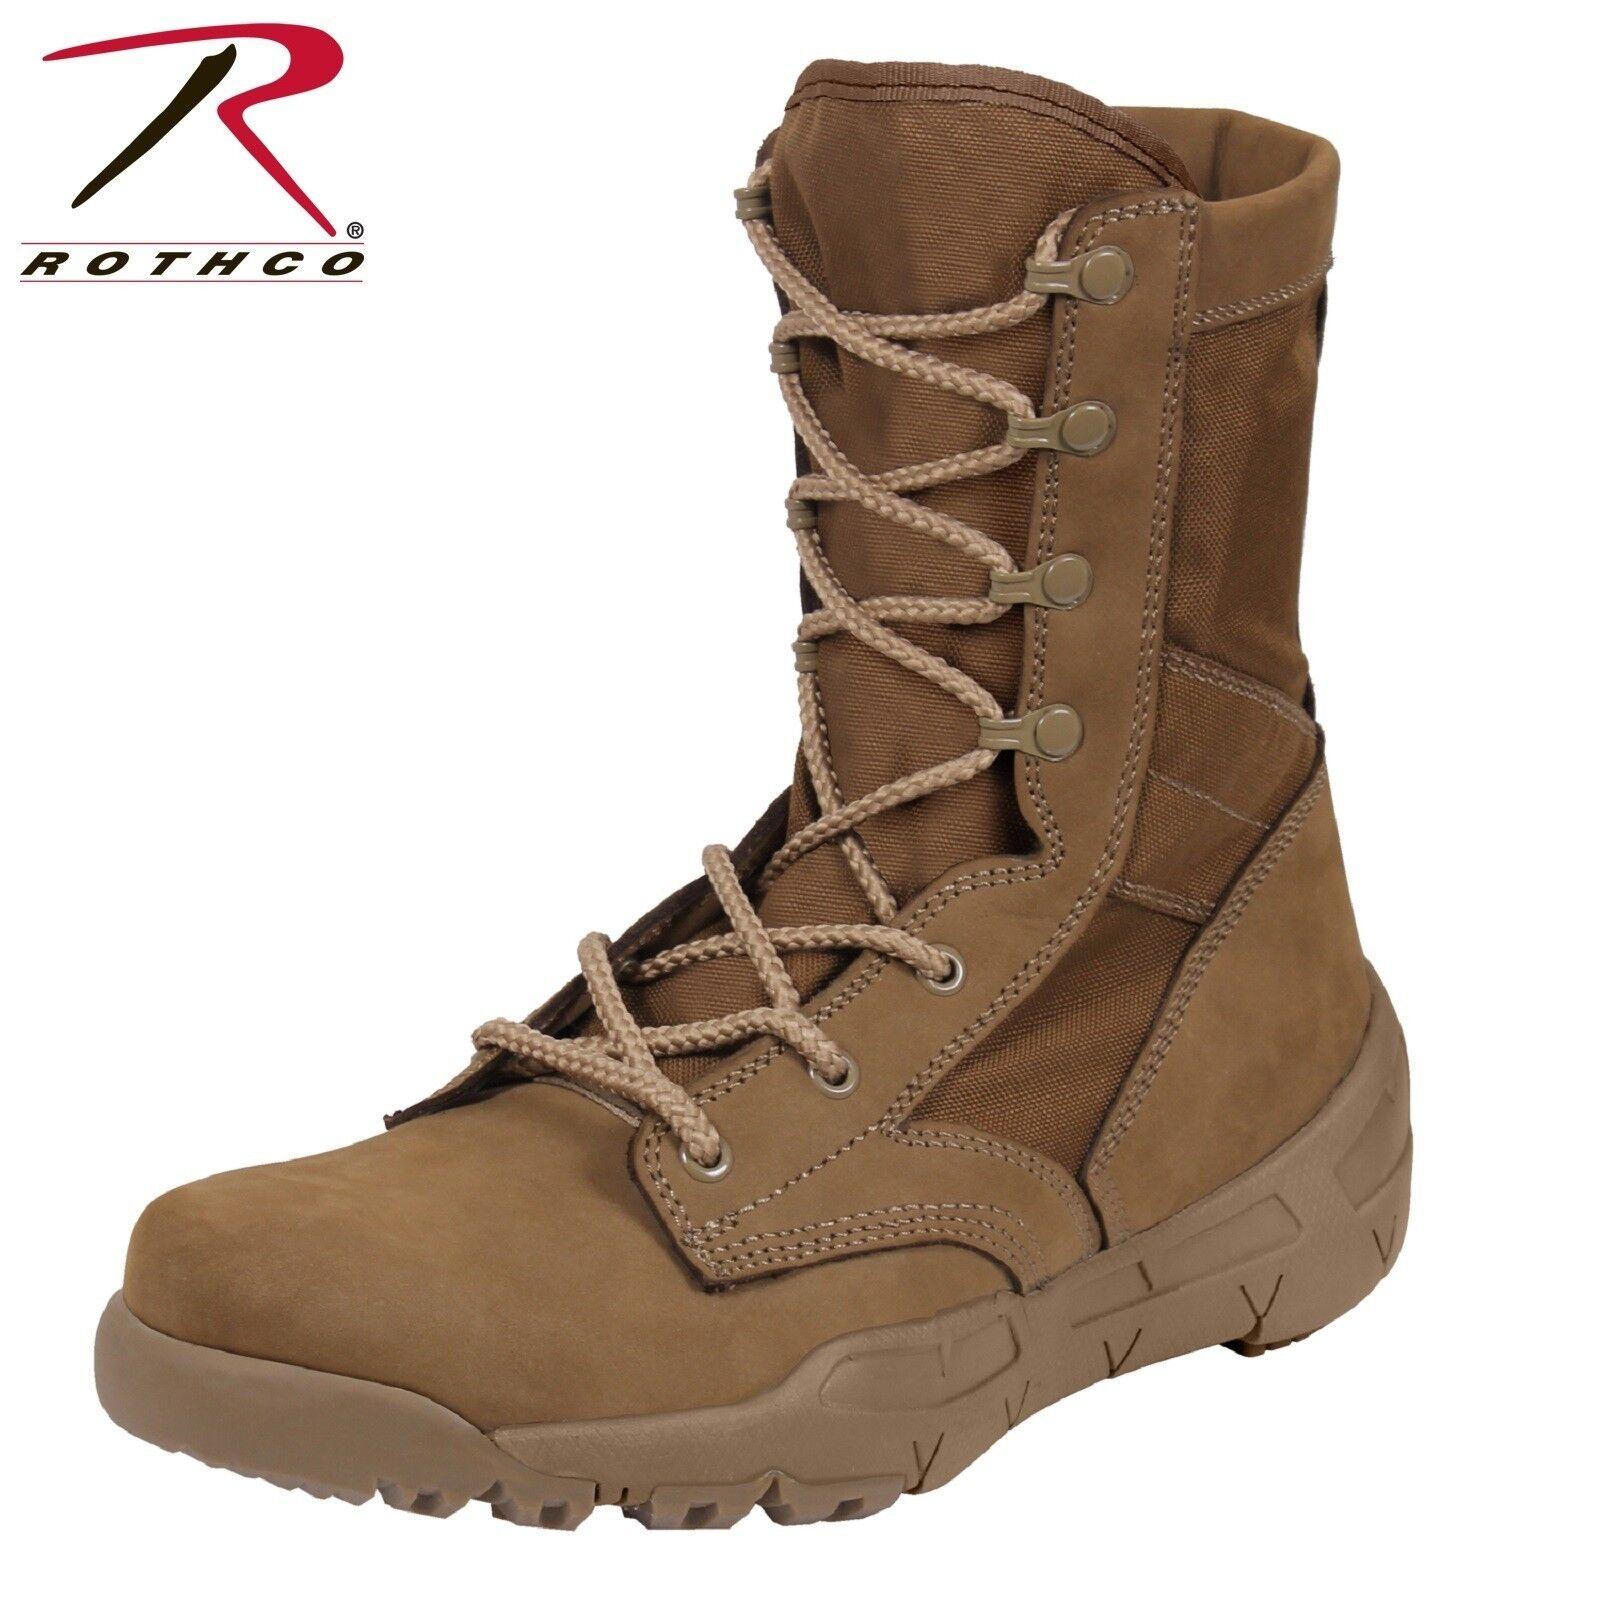 Rothco V-Max Lightweight Tactical Botas-AR670-1 Coyote Marrón hombre botas para hombre Marrón militar 4315e4